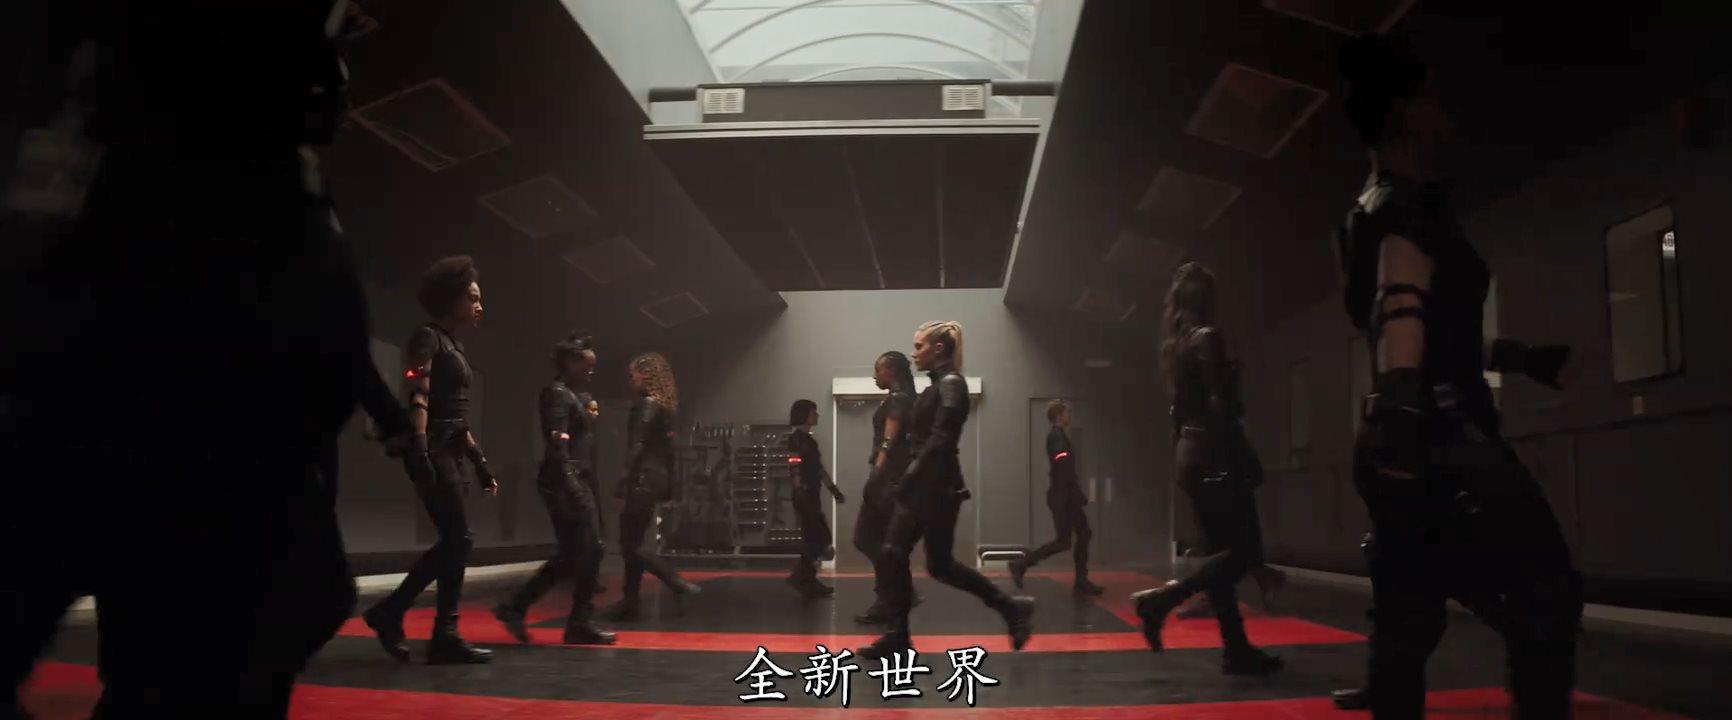 漫威《黑寡妇》全新中文预告 寡姐大战模仿大师